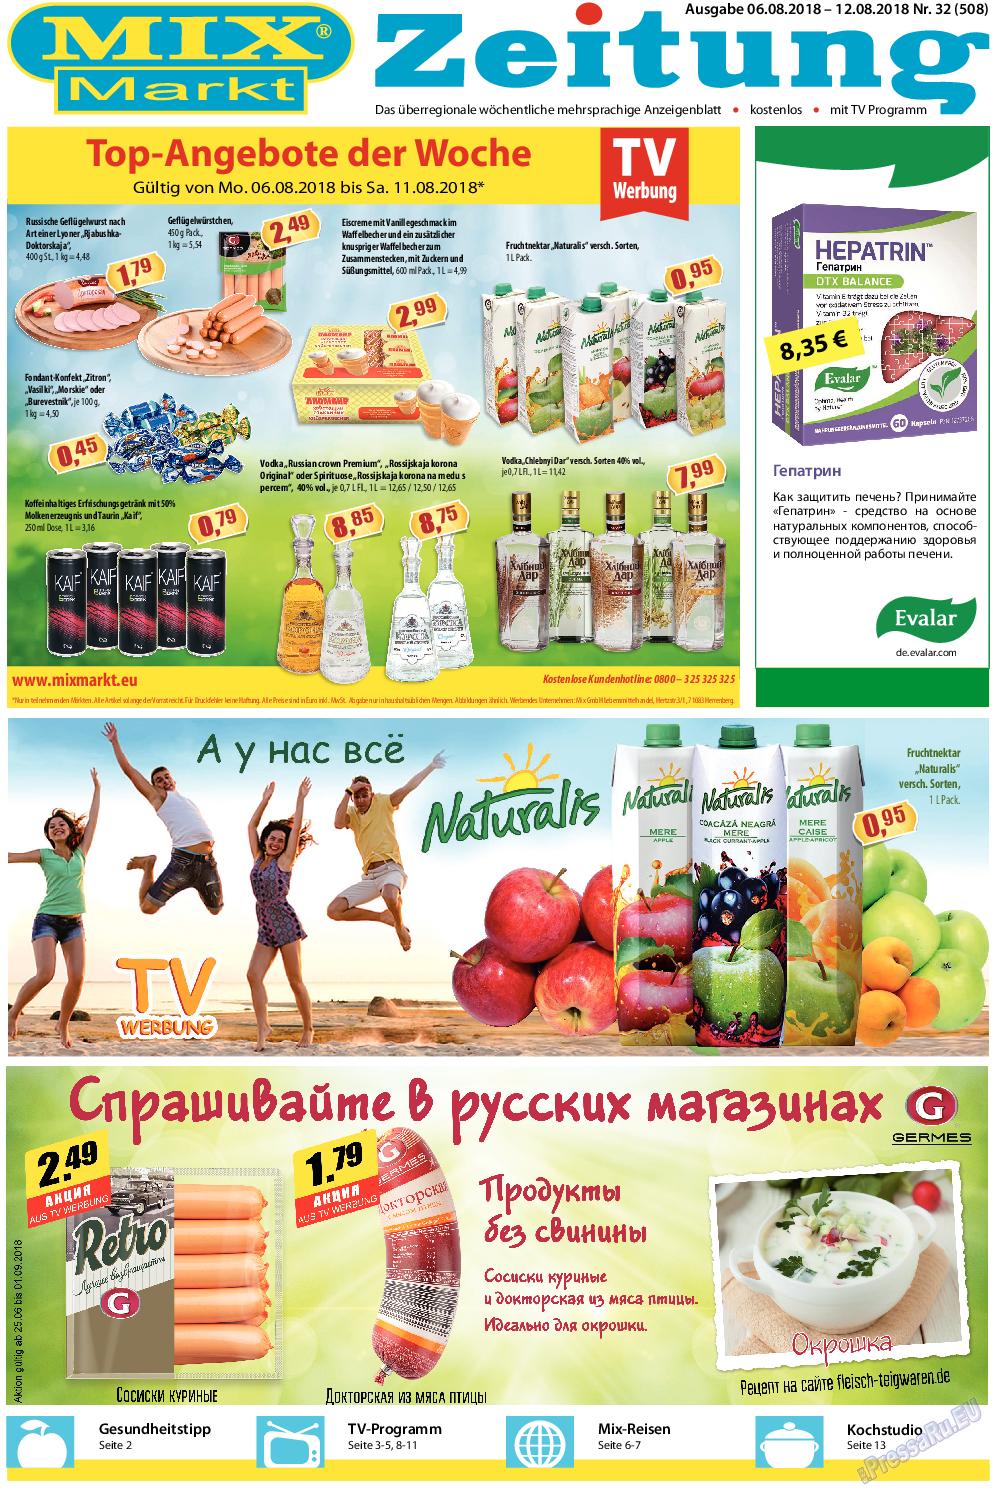 MIX-Markt Zeitung (газета). 2018 год, номер 32, стр. 1